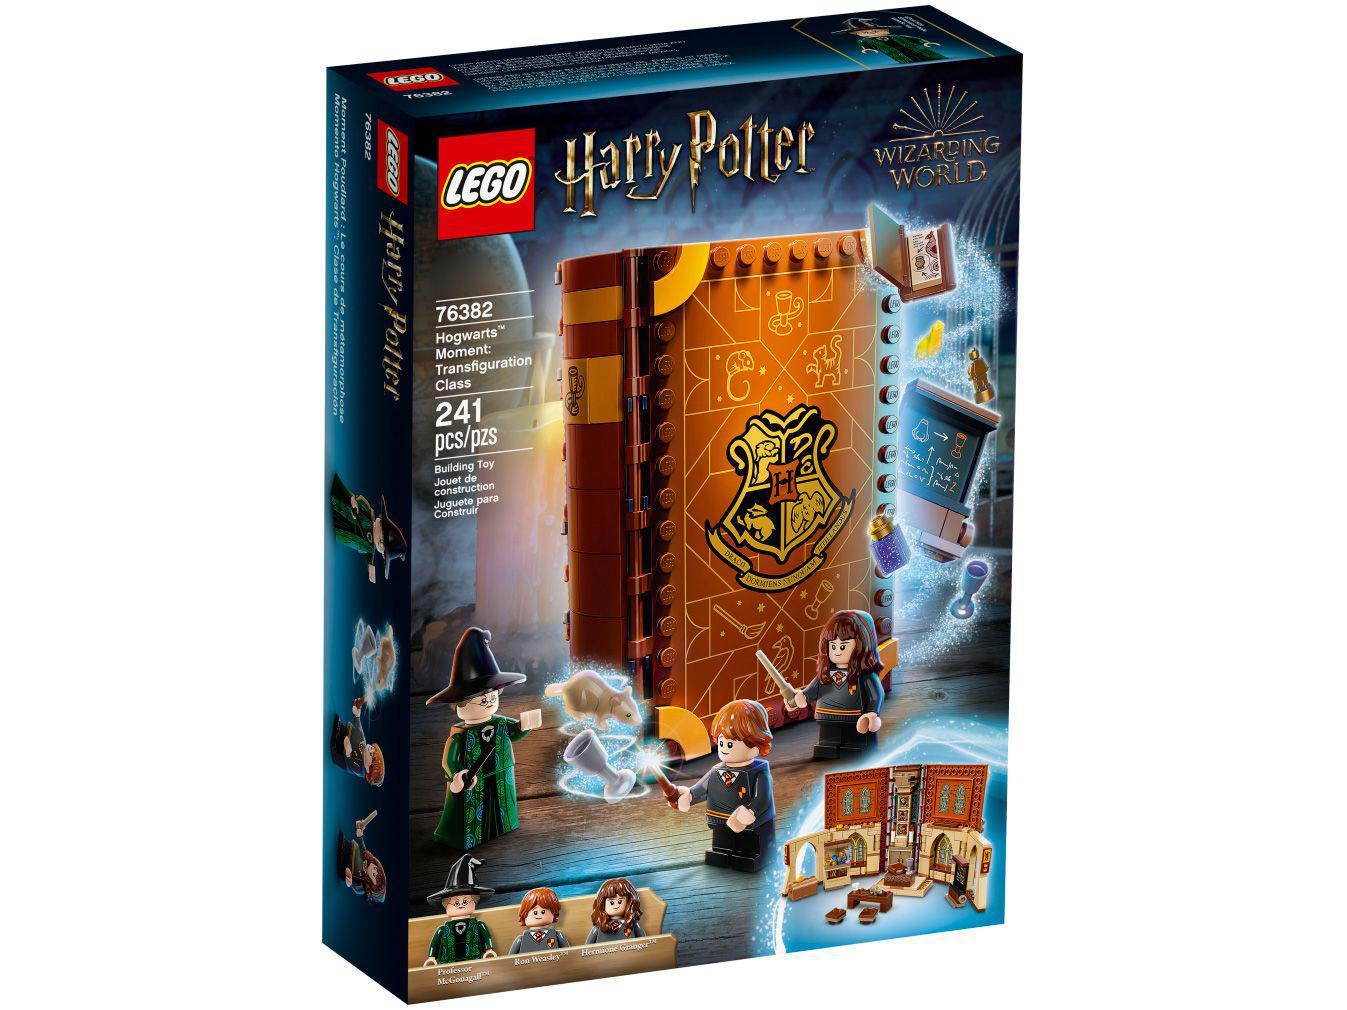 LEGO Harry Potter Momento Hogwarts - Aula de Transfiguração 241 Peças 76382